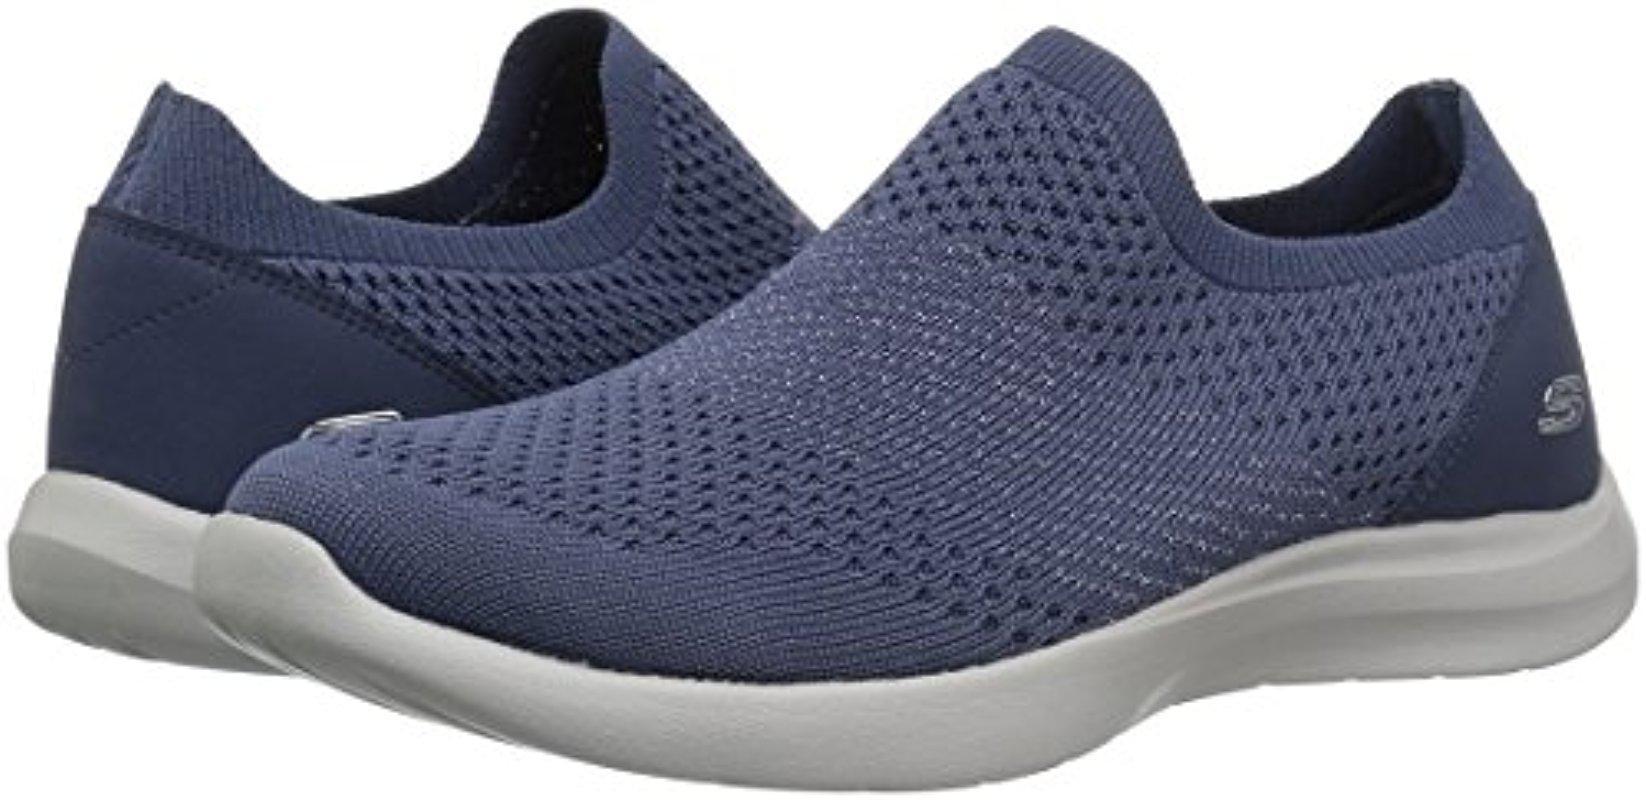 Skechers Studio Comfort in Slate (Blue